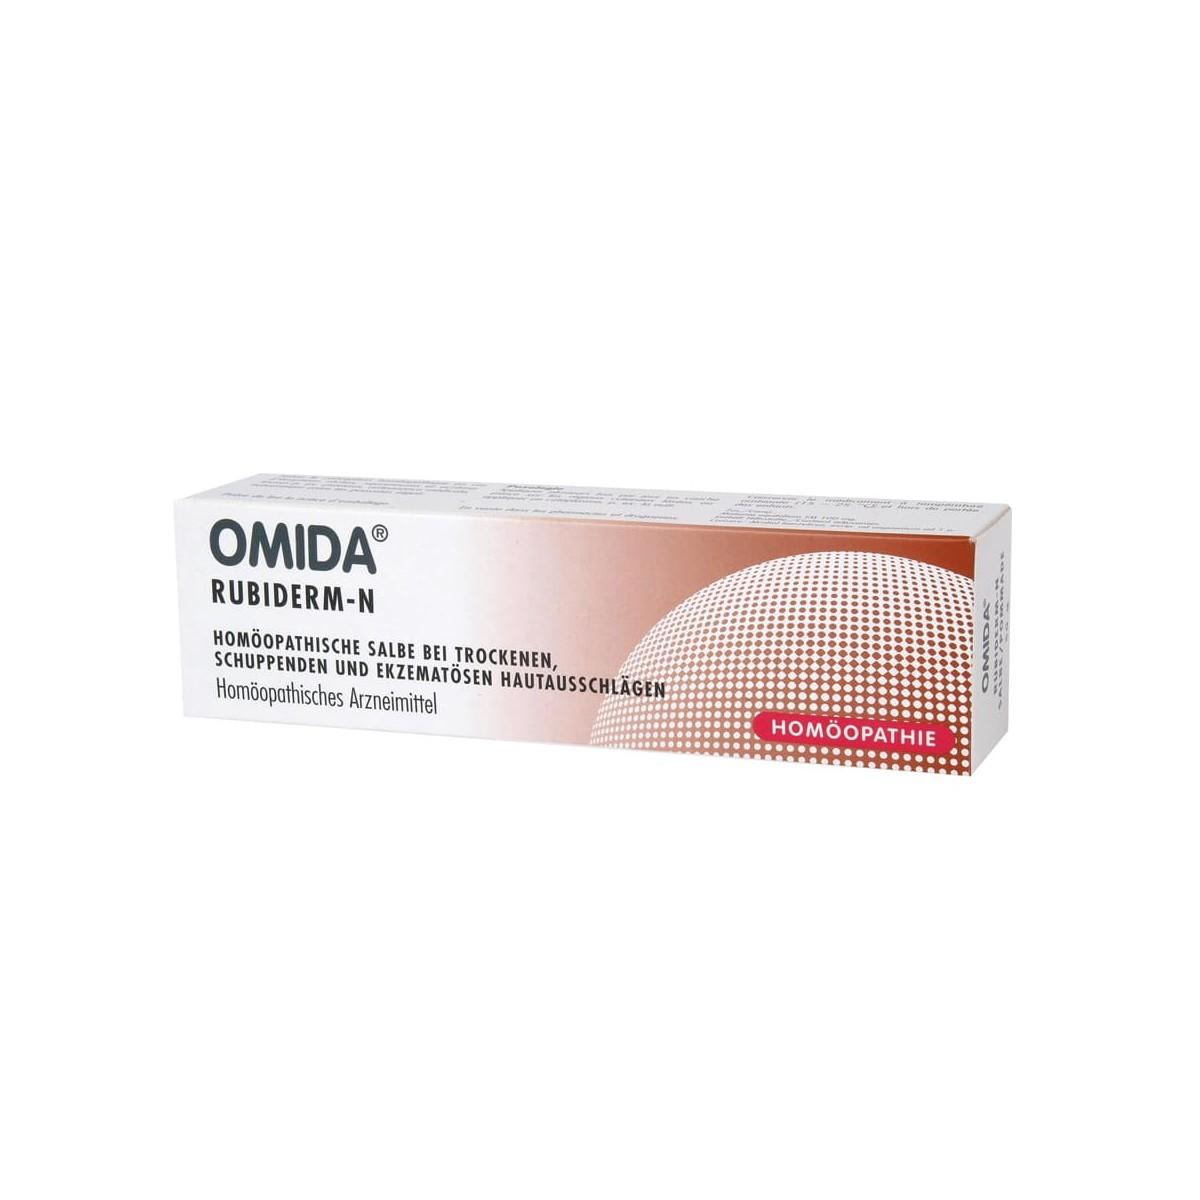 Omida Rubiderm-N Salbe 50 g